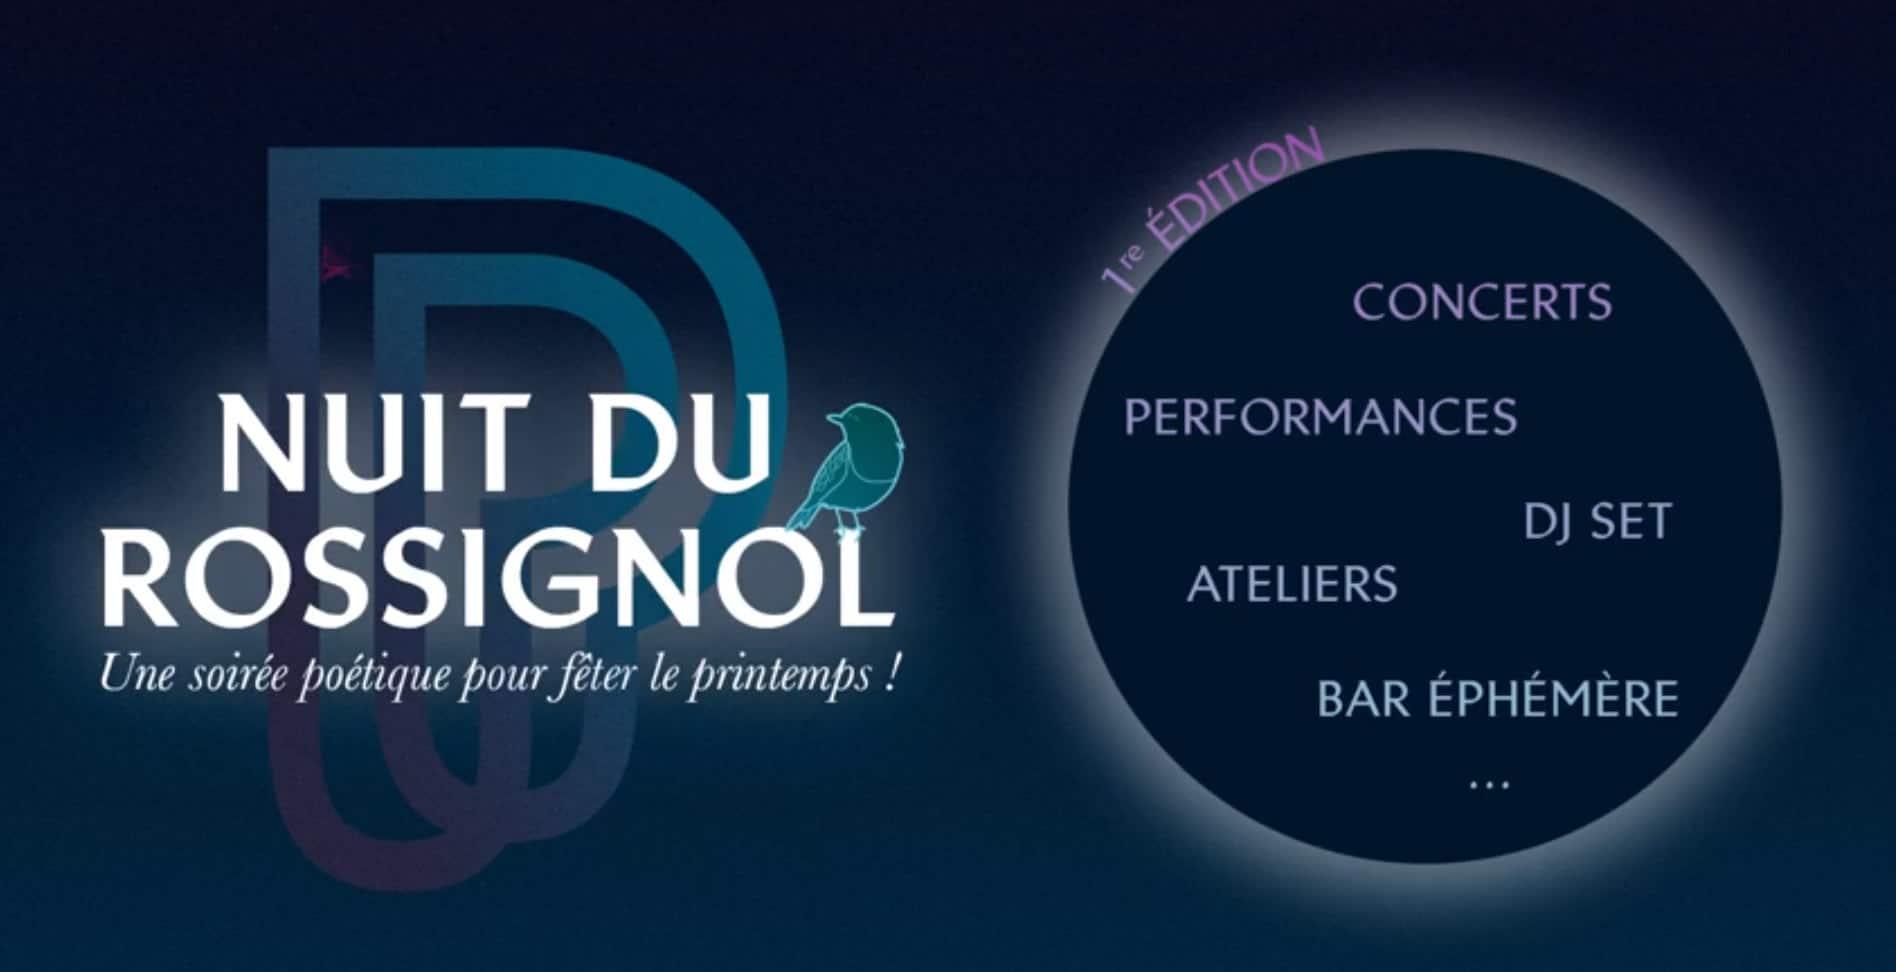 Nuit du Rossignol Musée de la Musique / Philharmonie de Paris